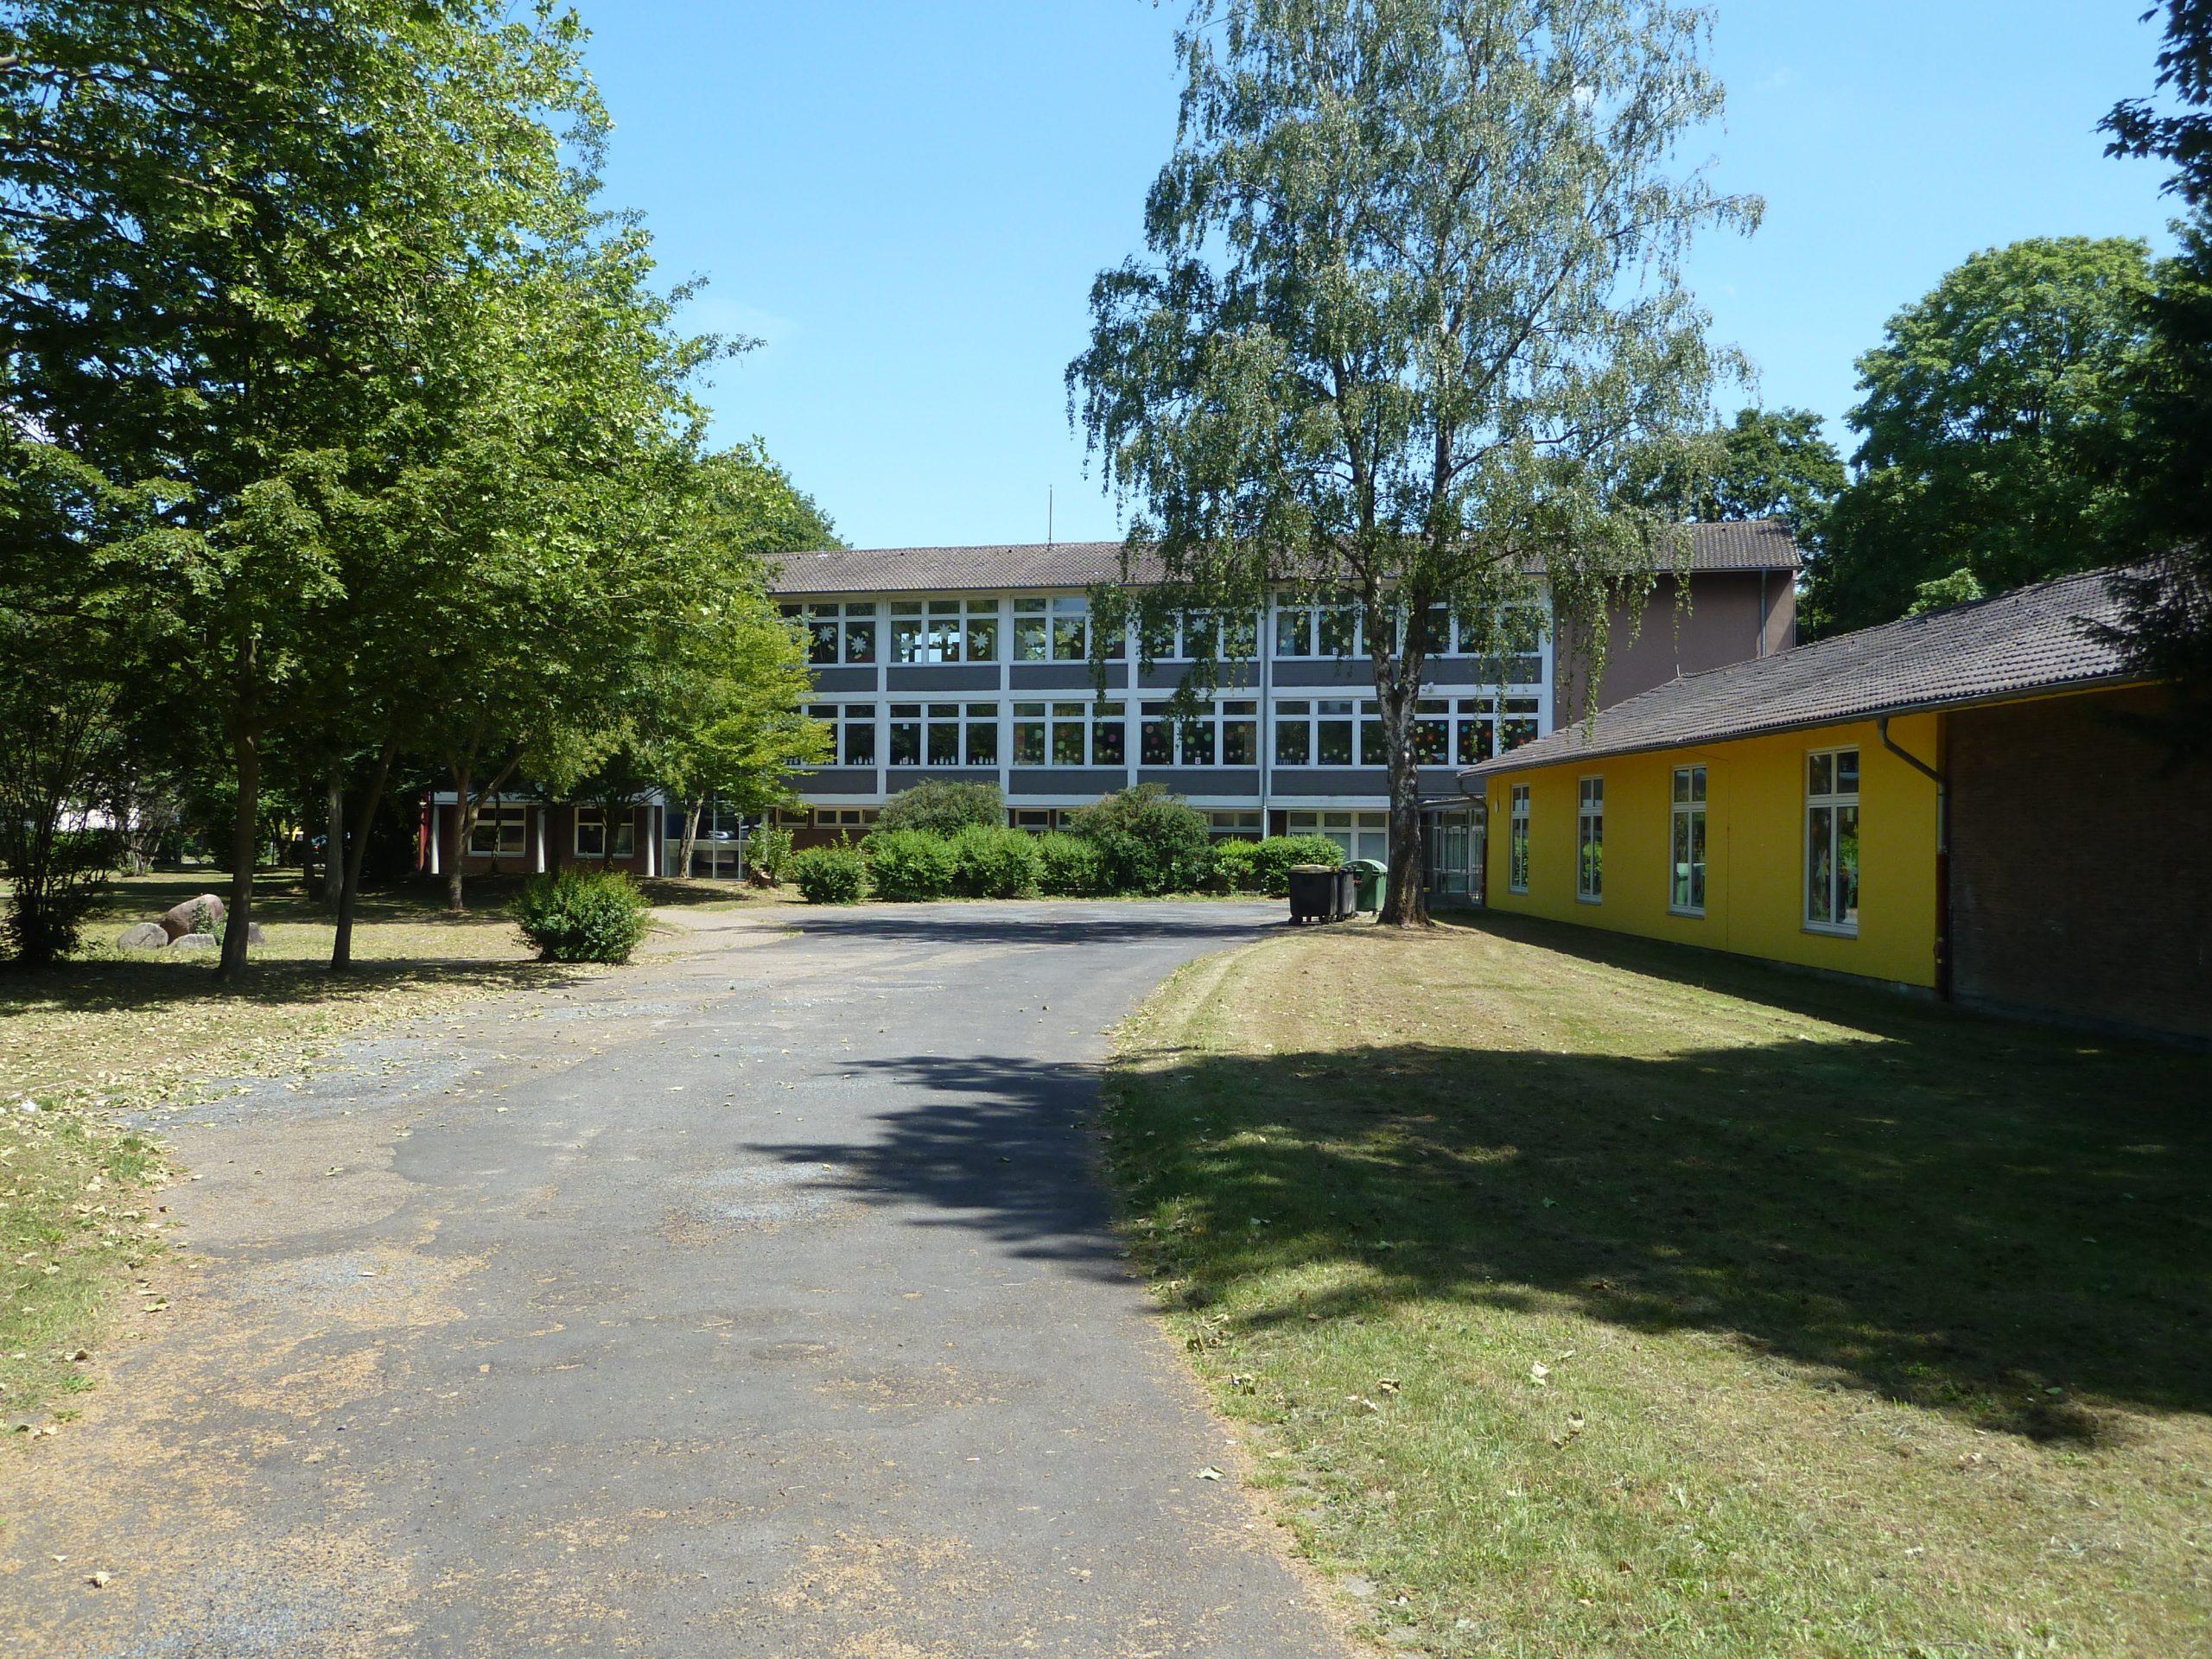 Das Bild zeigt die Regenbogenschule Möllen